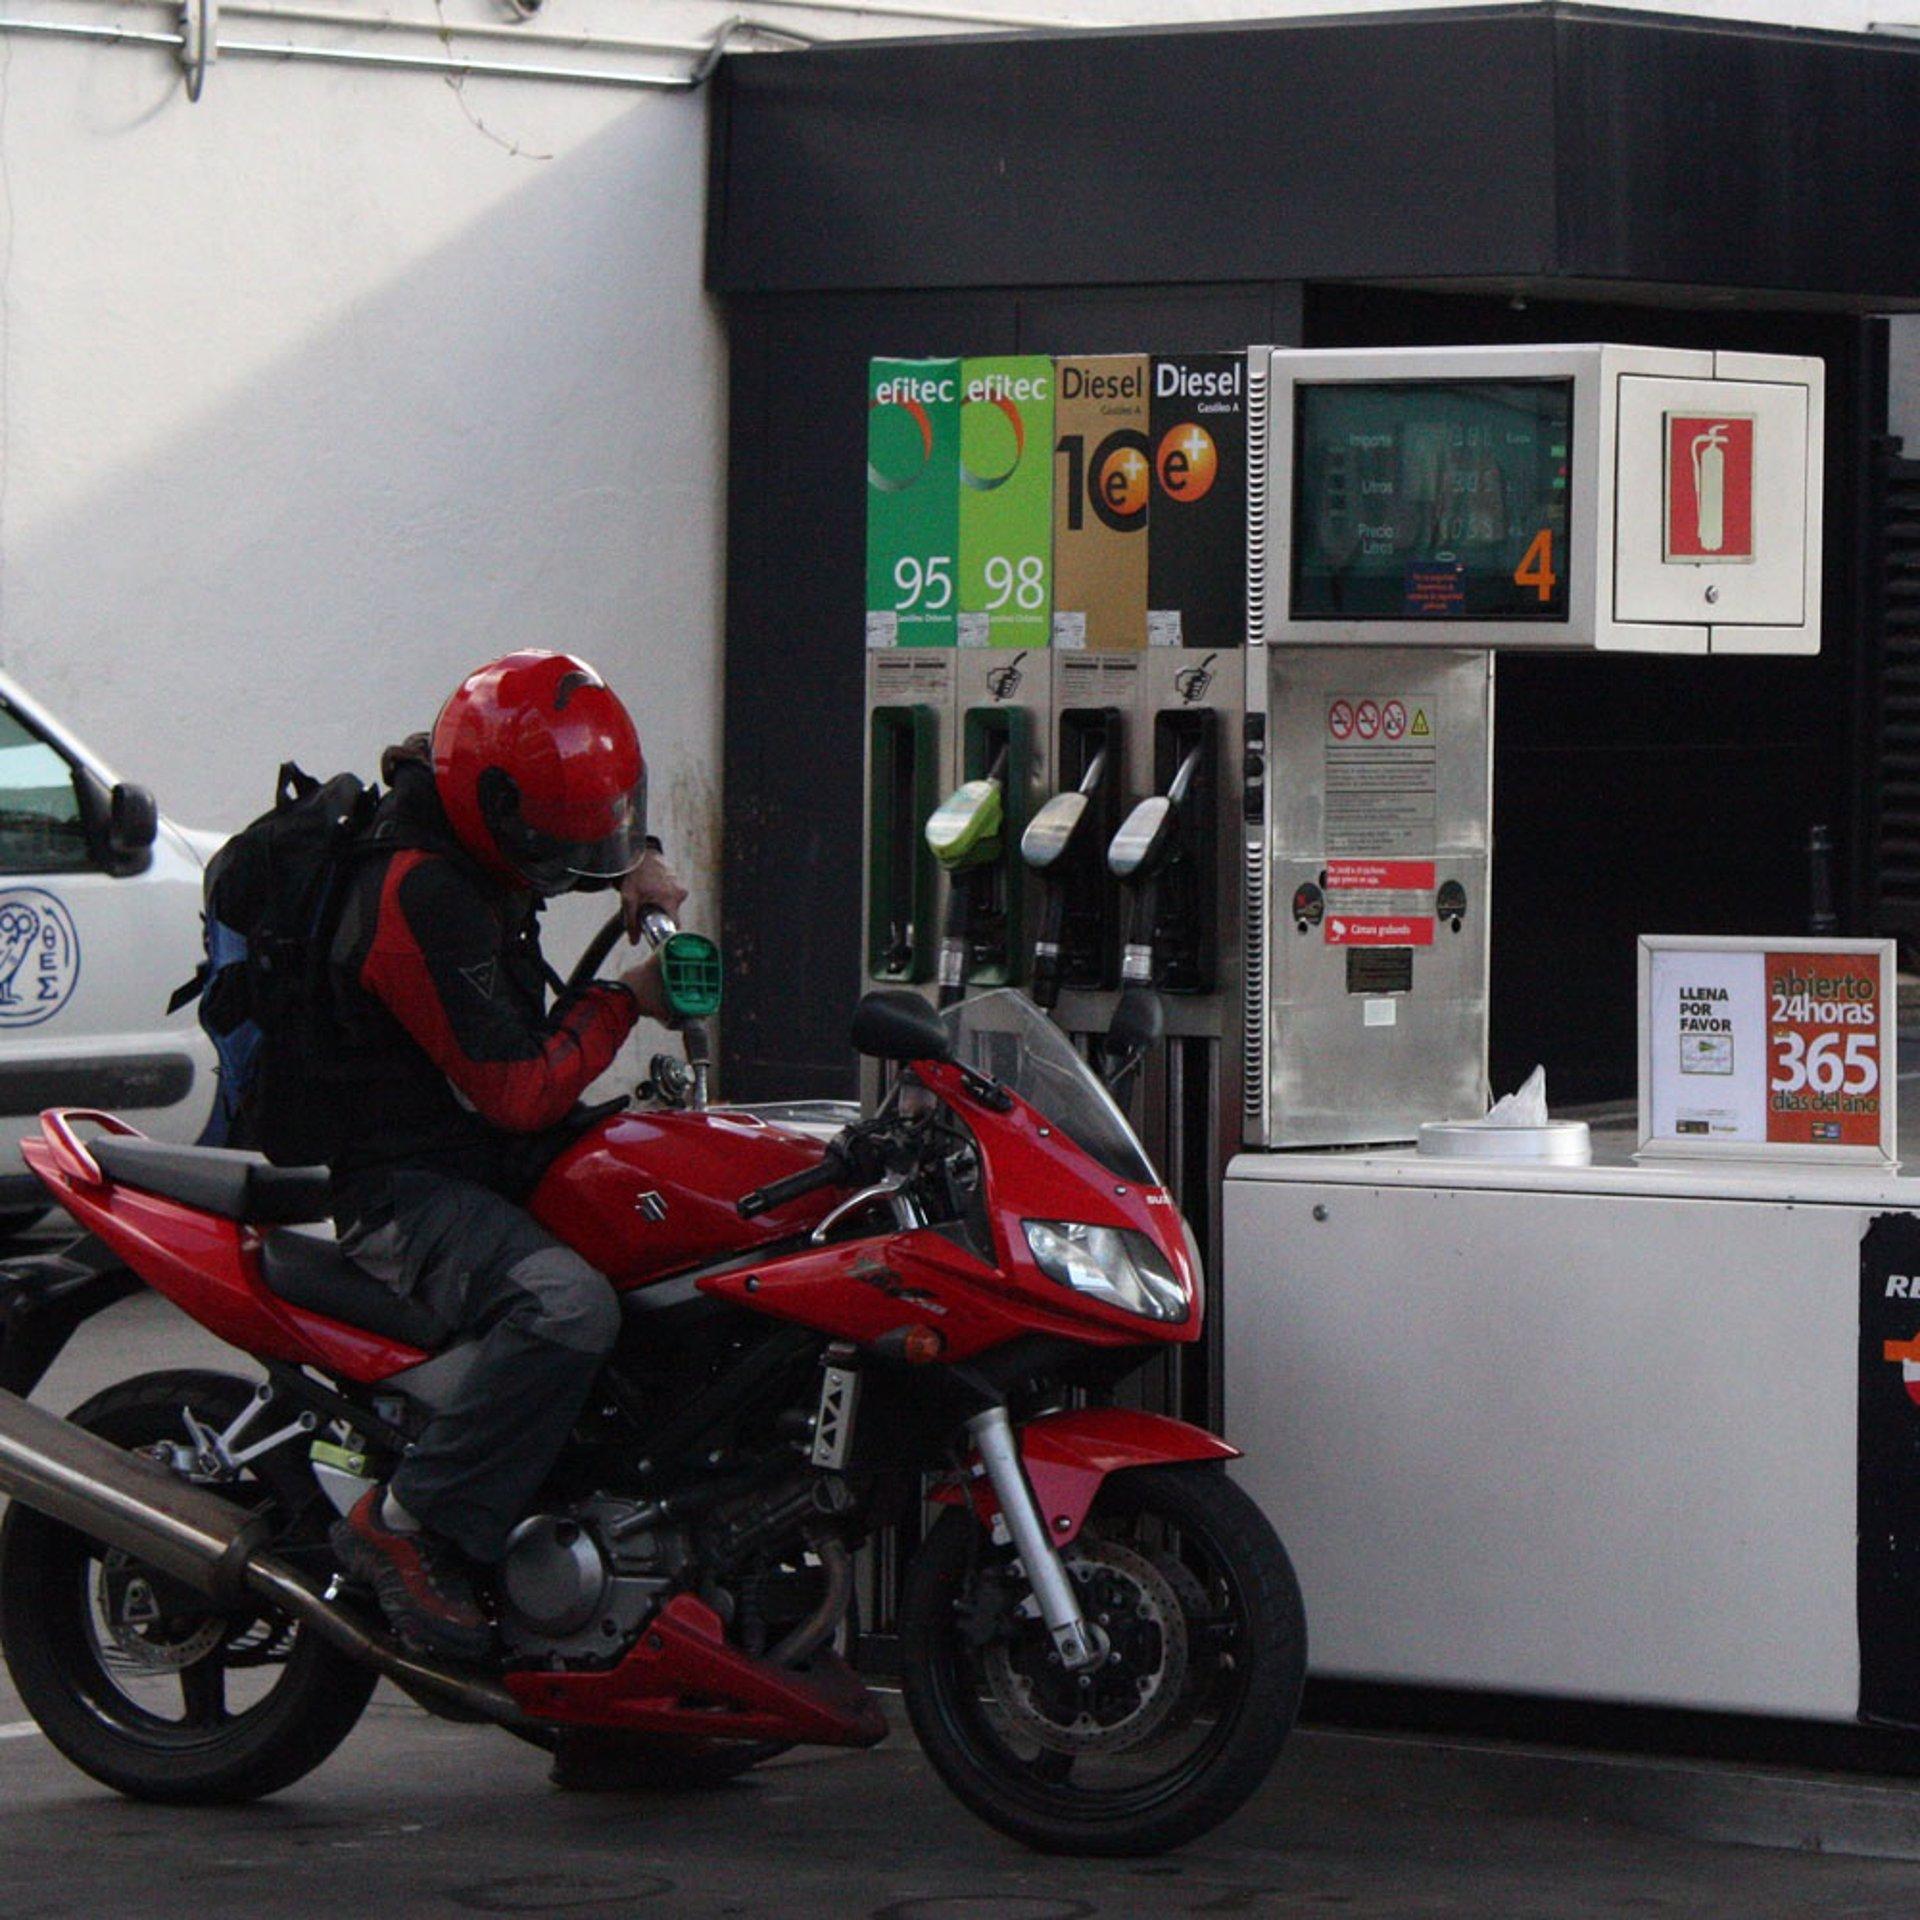 Avstraliya hay cuanto una gasolina en